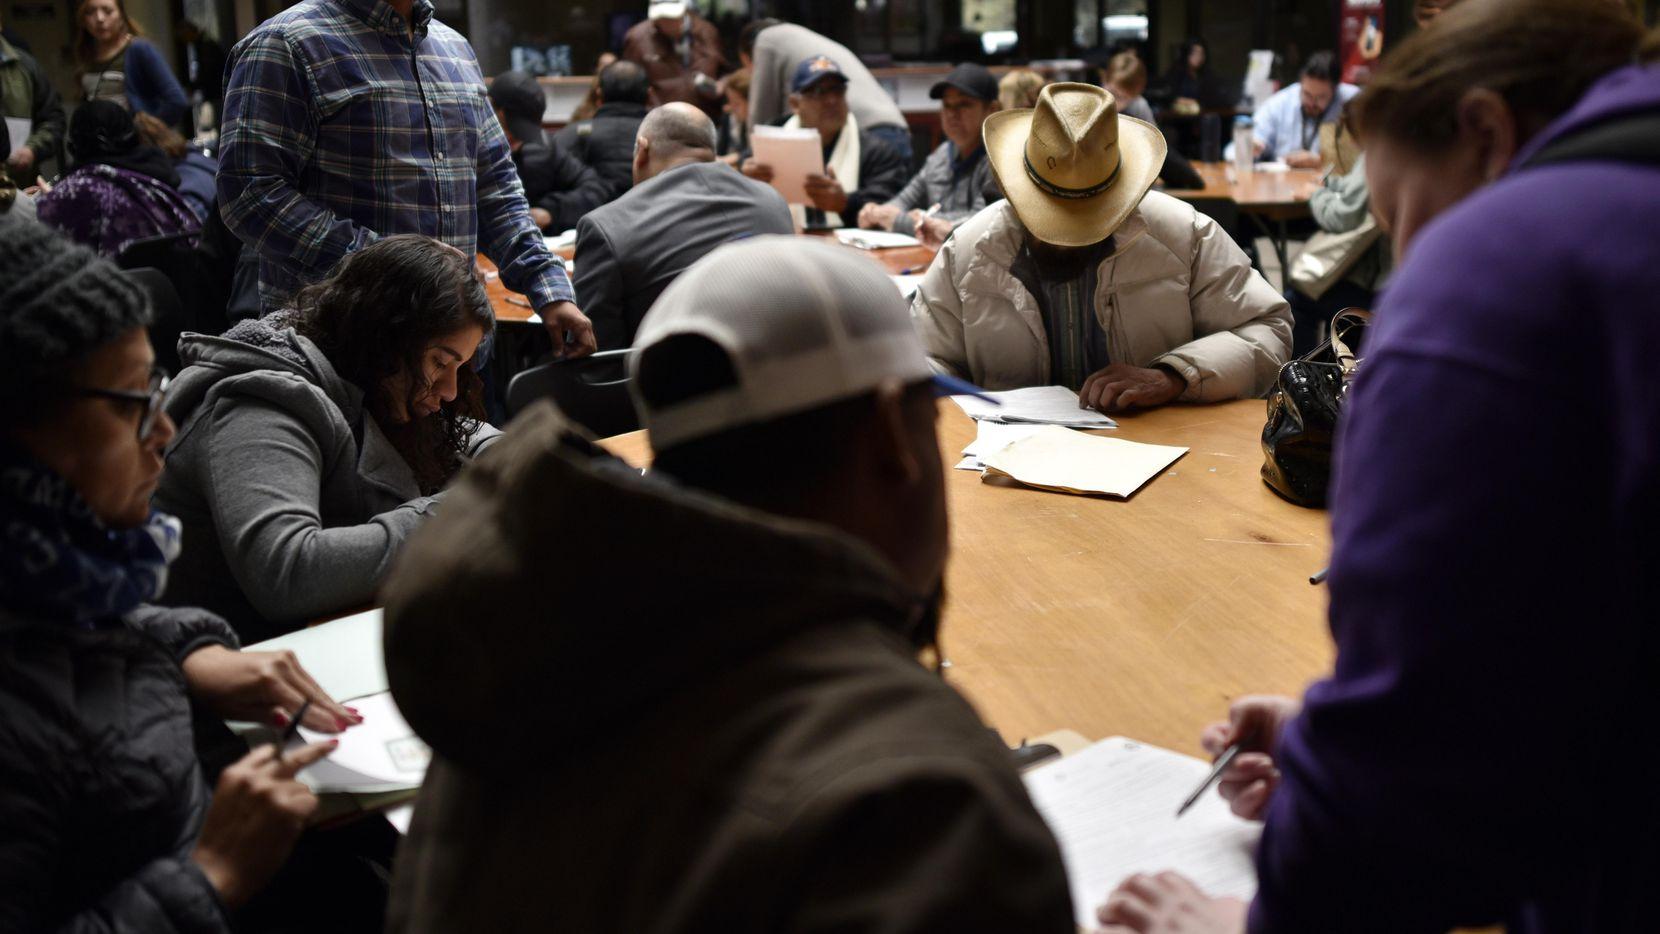 Caridades Católicas organiza foros de información para inmigrantes con ayuda de otras entidadas como el Consulado de México. (ESPECIAL PARA AL DÍA/BEN TORRES)